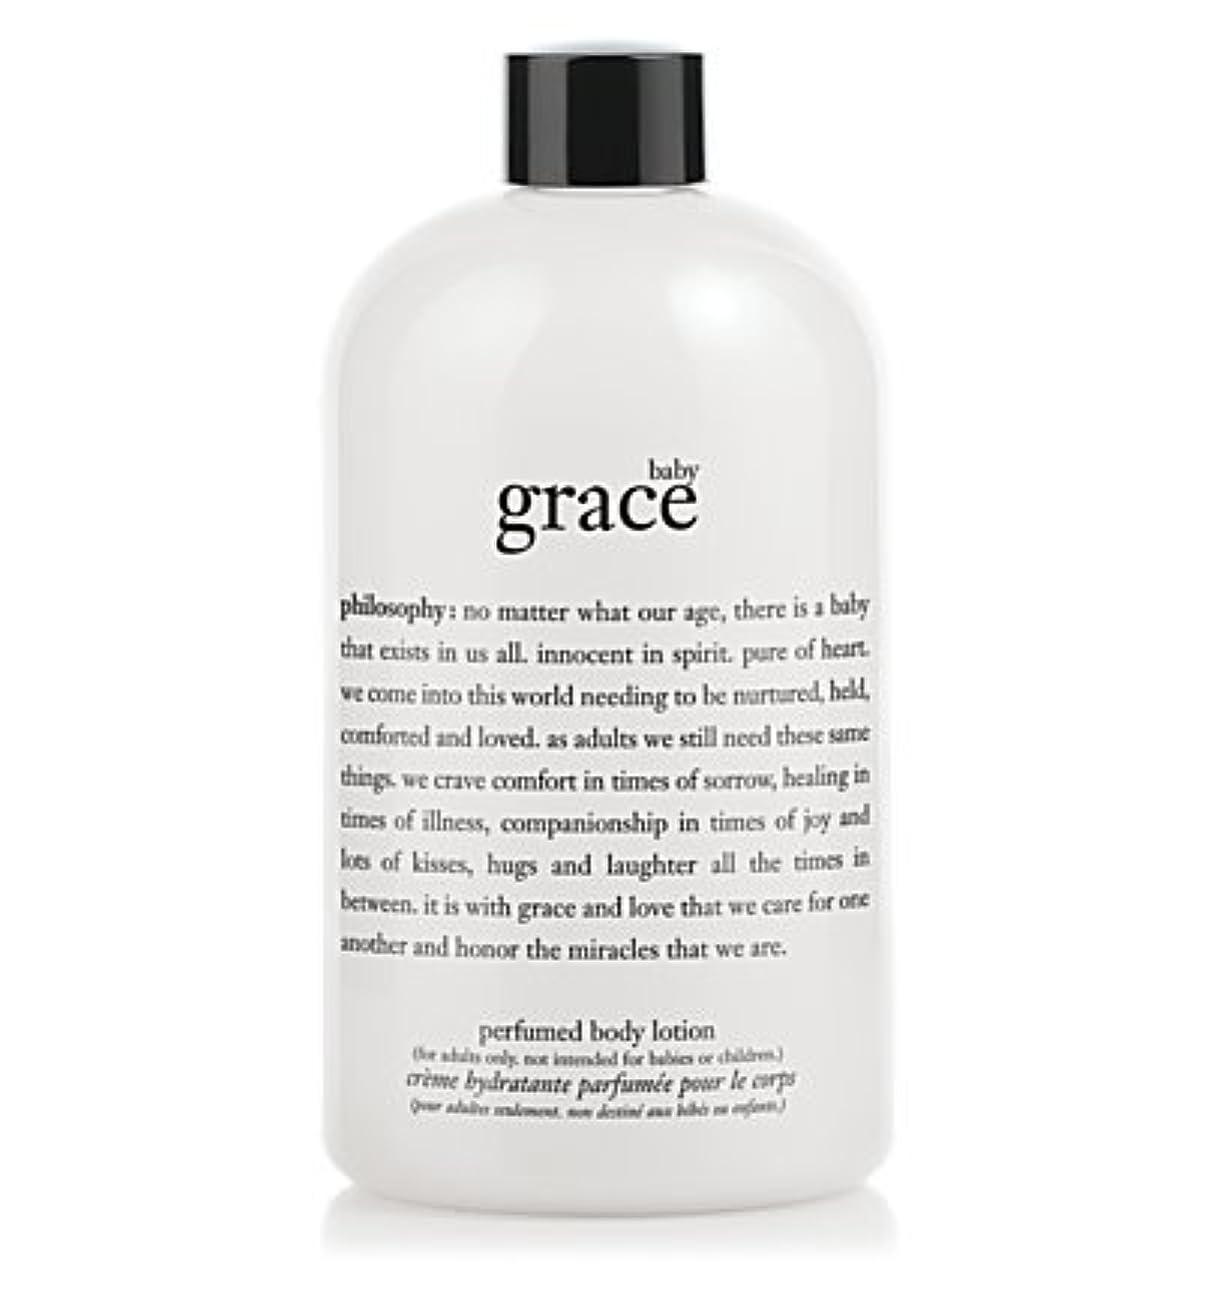 あなたのもの恋人喉が渇いたbaby grace (ベビーグレイス ) 16.0 oz (480 ml) perfumed body lotion for Women